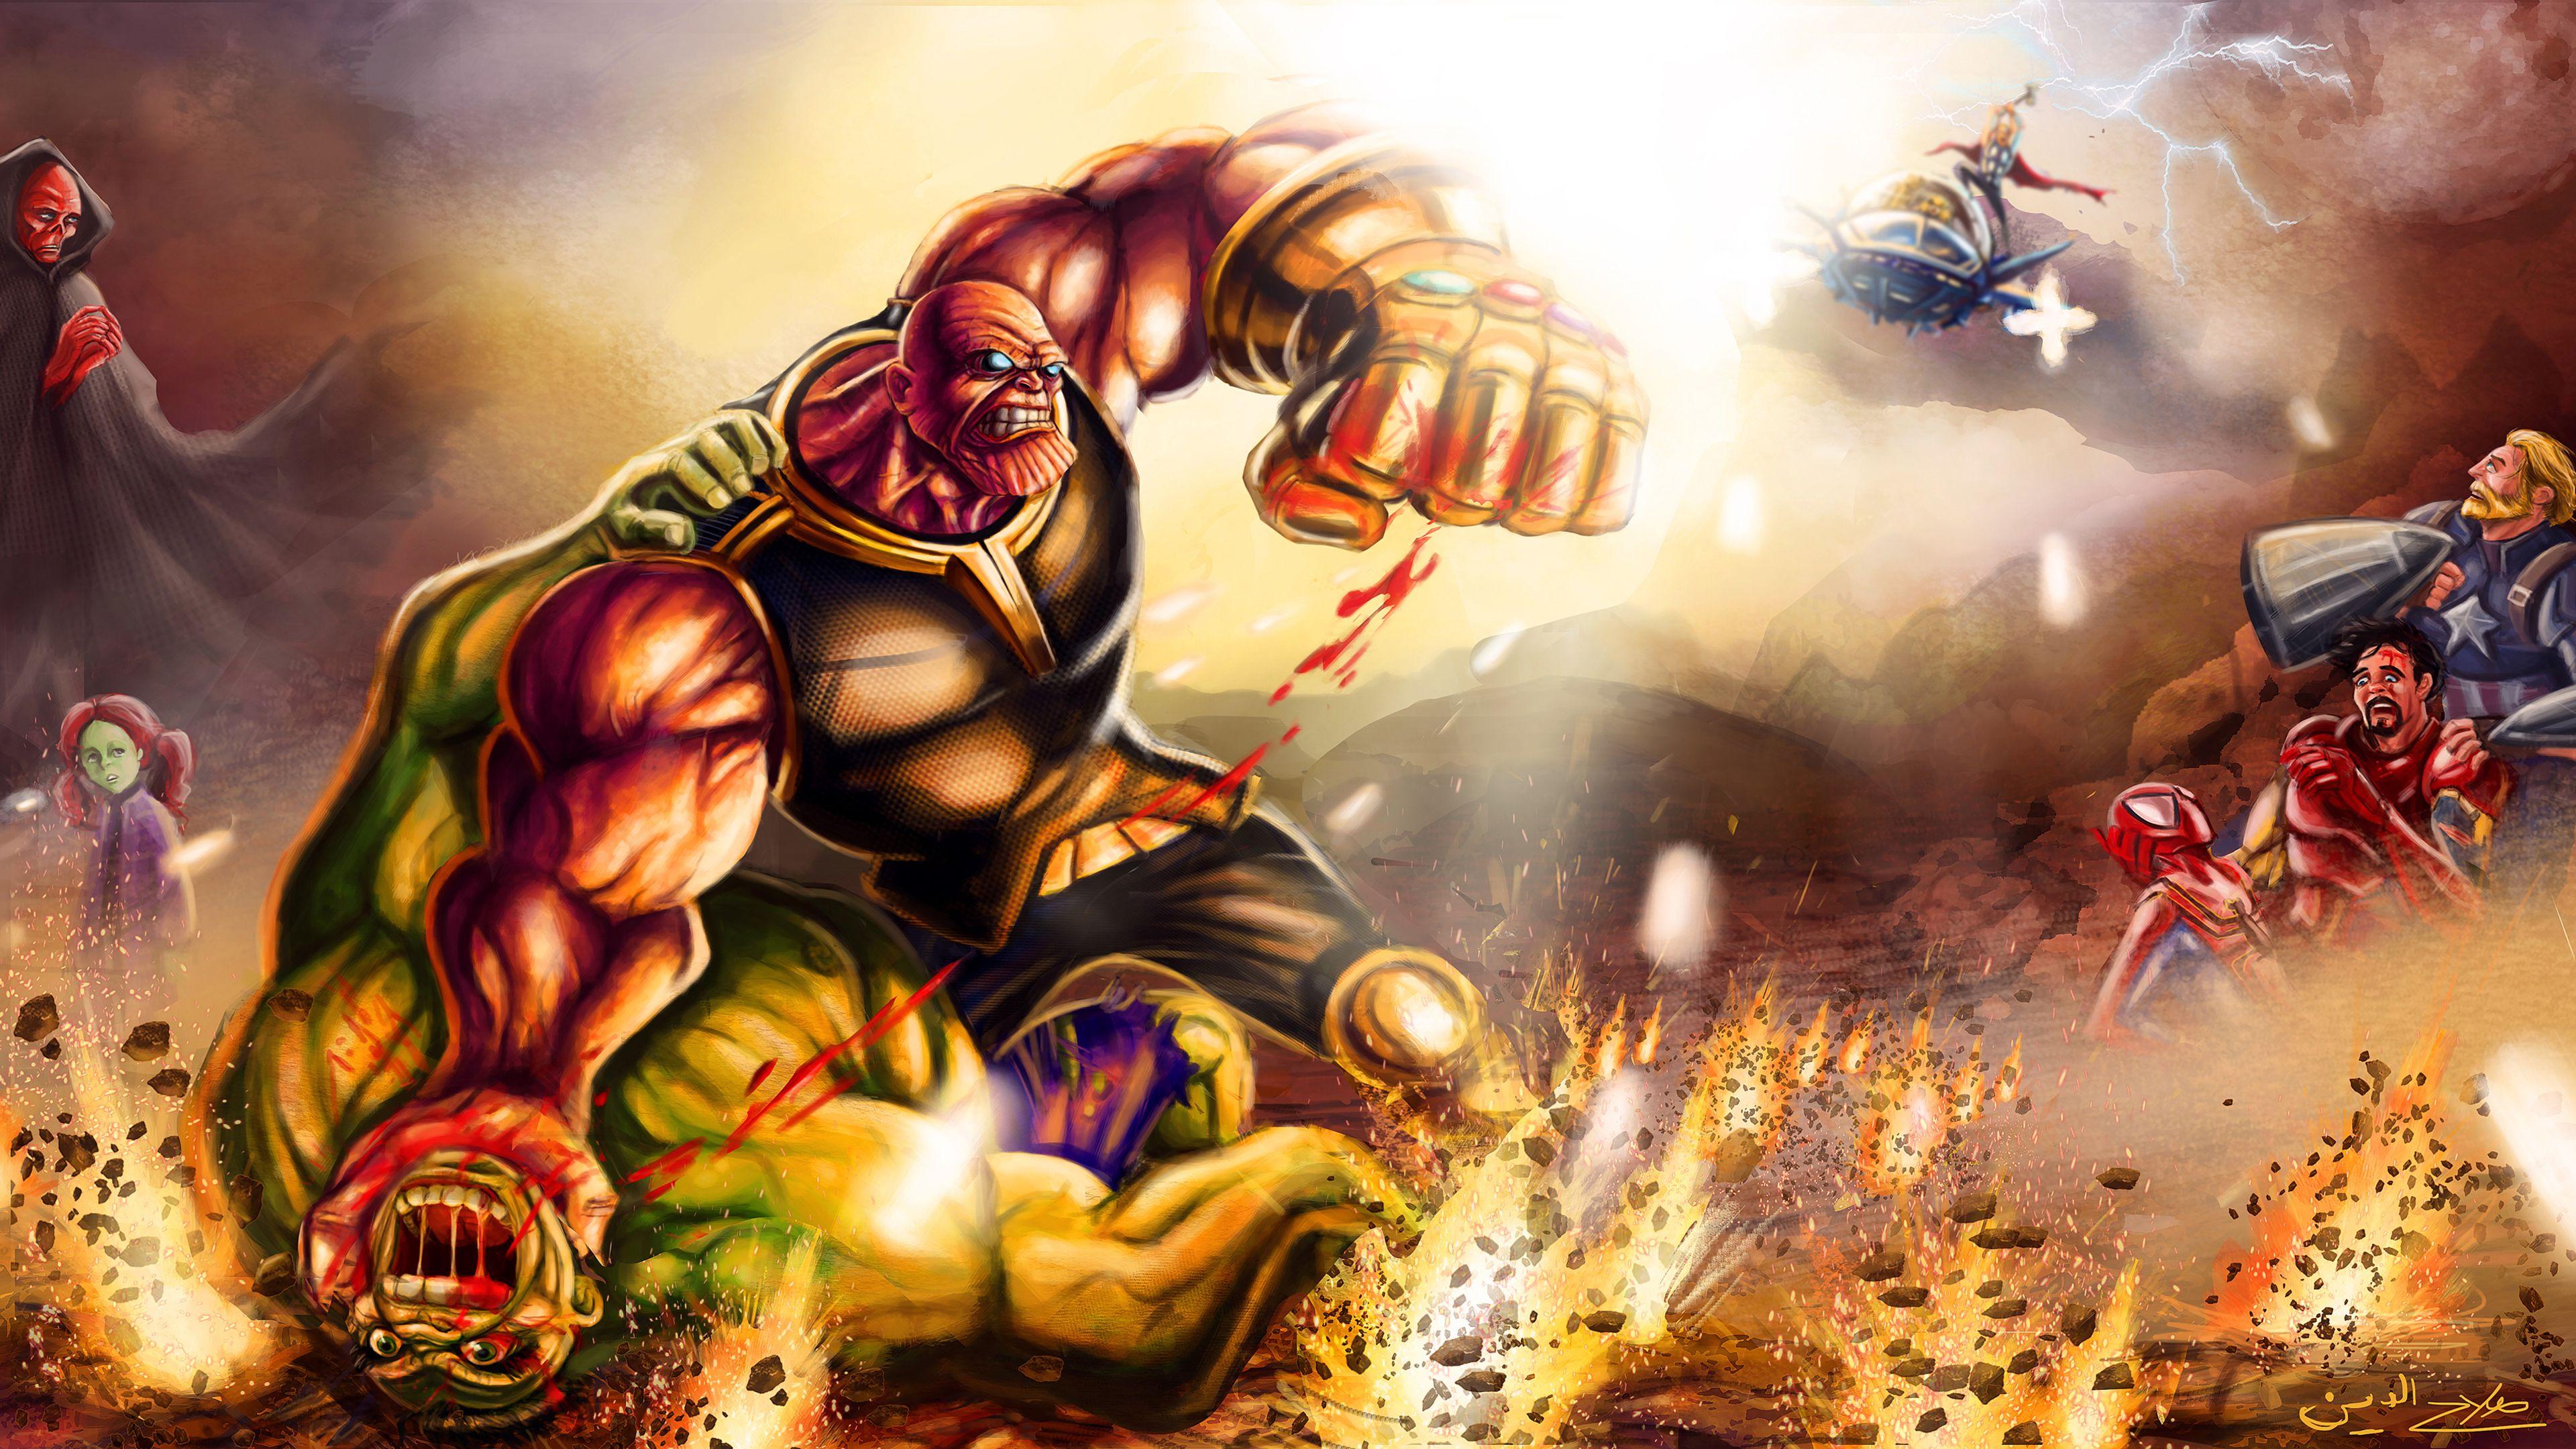 Wallpaper 4k Thanos Defeat Hulk 4k Wallpapers Artist Wallpapers